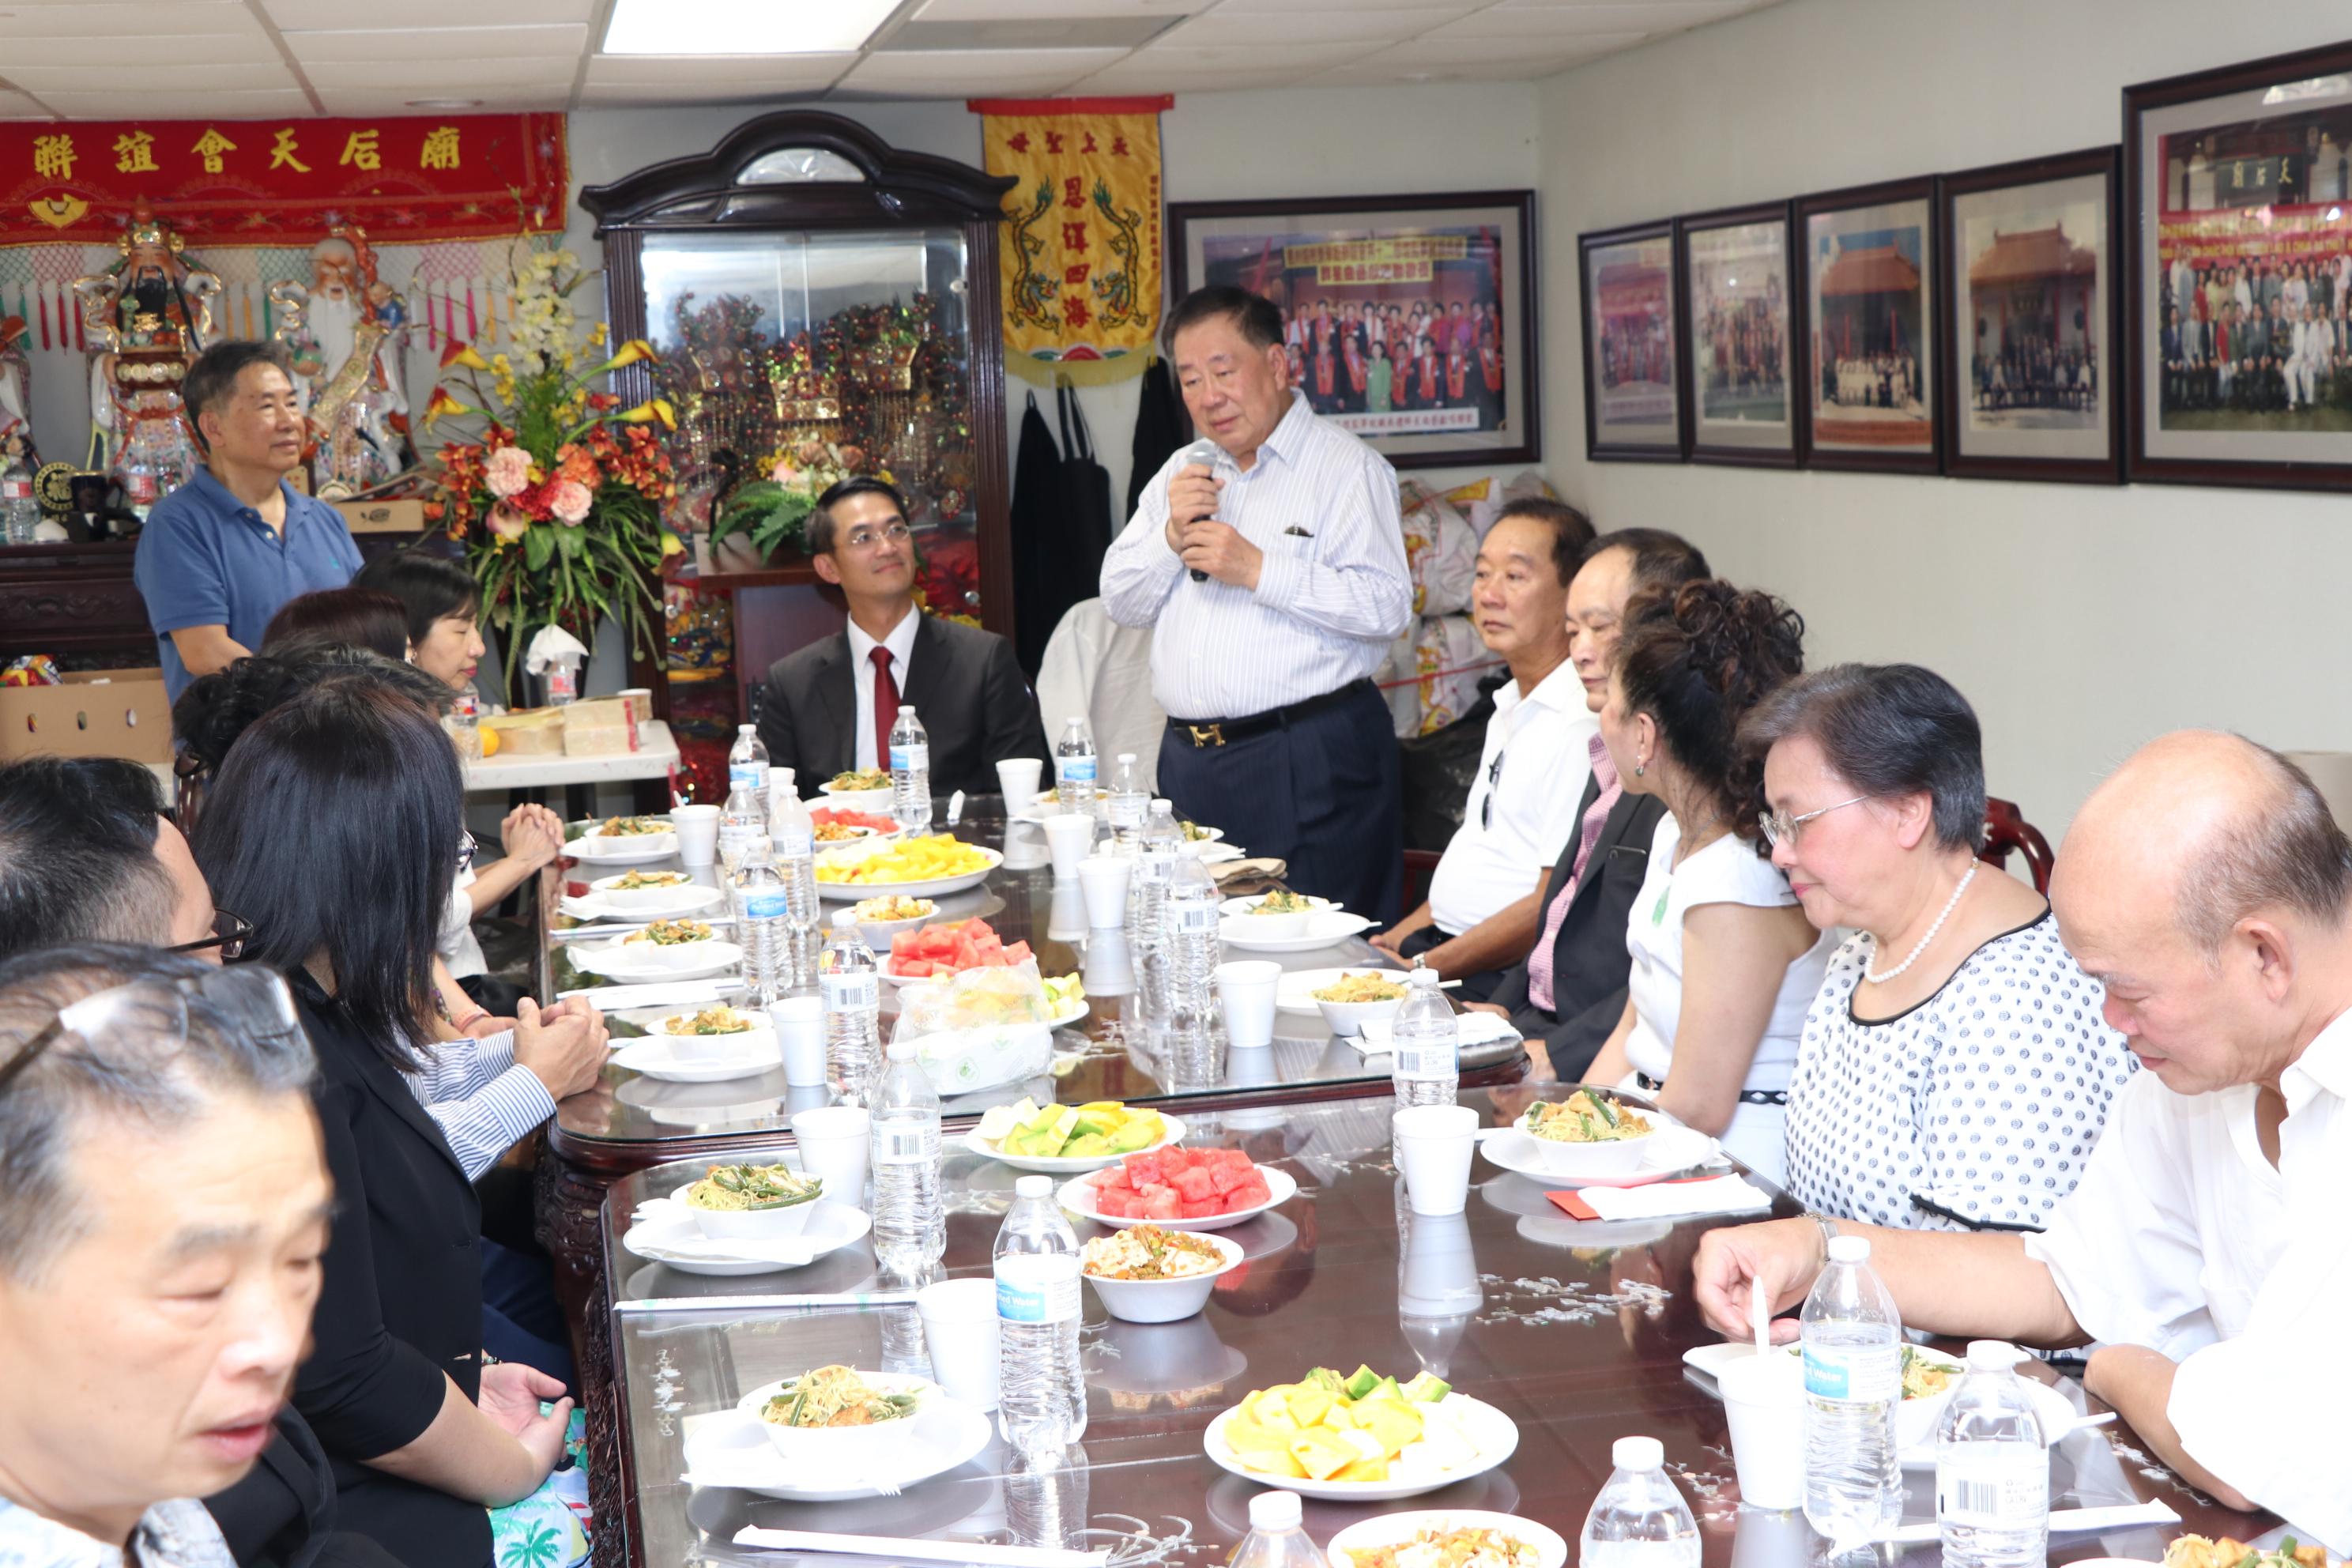 周滿洪(右立者)說,他們舉辦法會是為超度當年許多逃離家園,不幸罹難的鄉親。